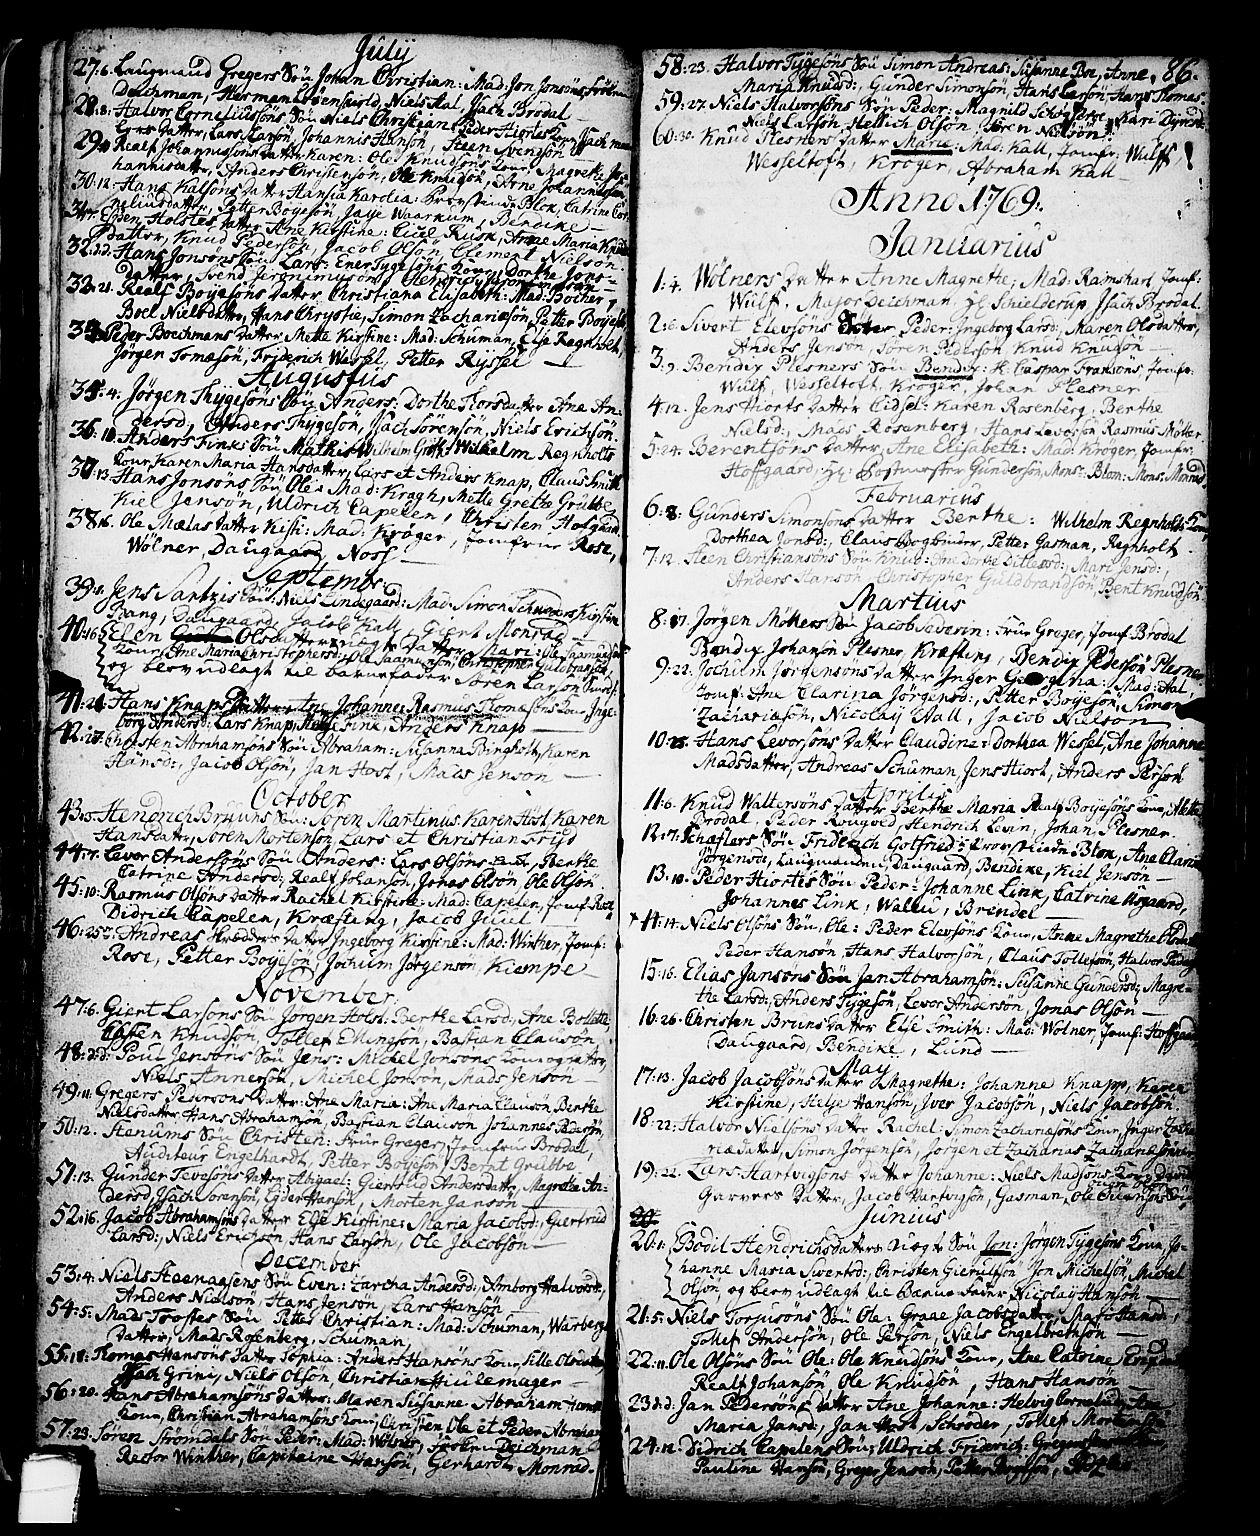 SAKO, Skien kirkebøker, G/Ga/L0001: Klokkerbok nr. 1, 1756-1791, s. 86